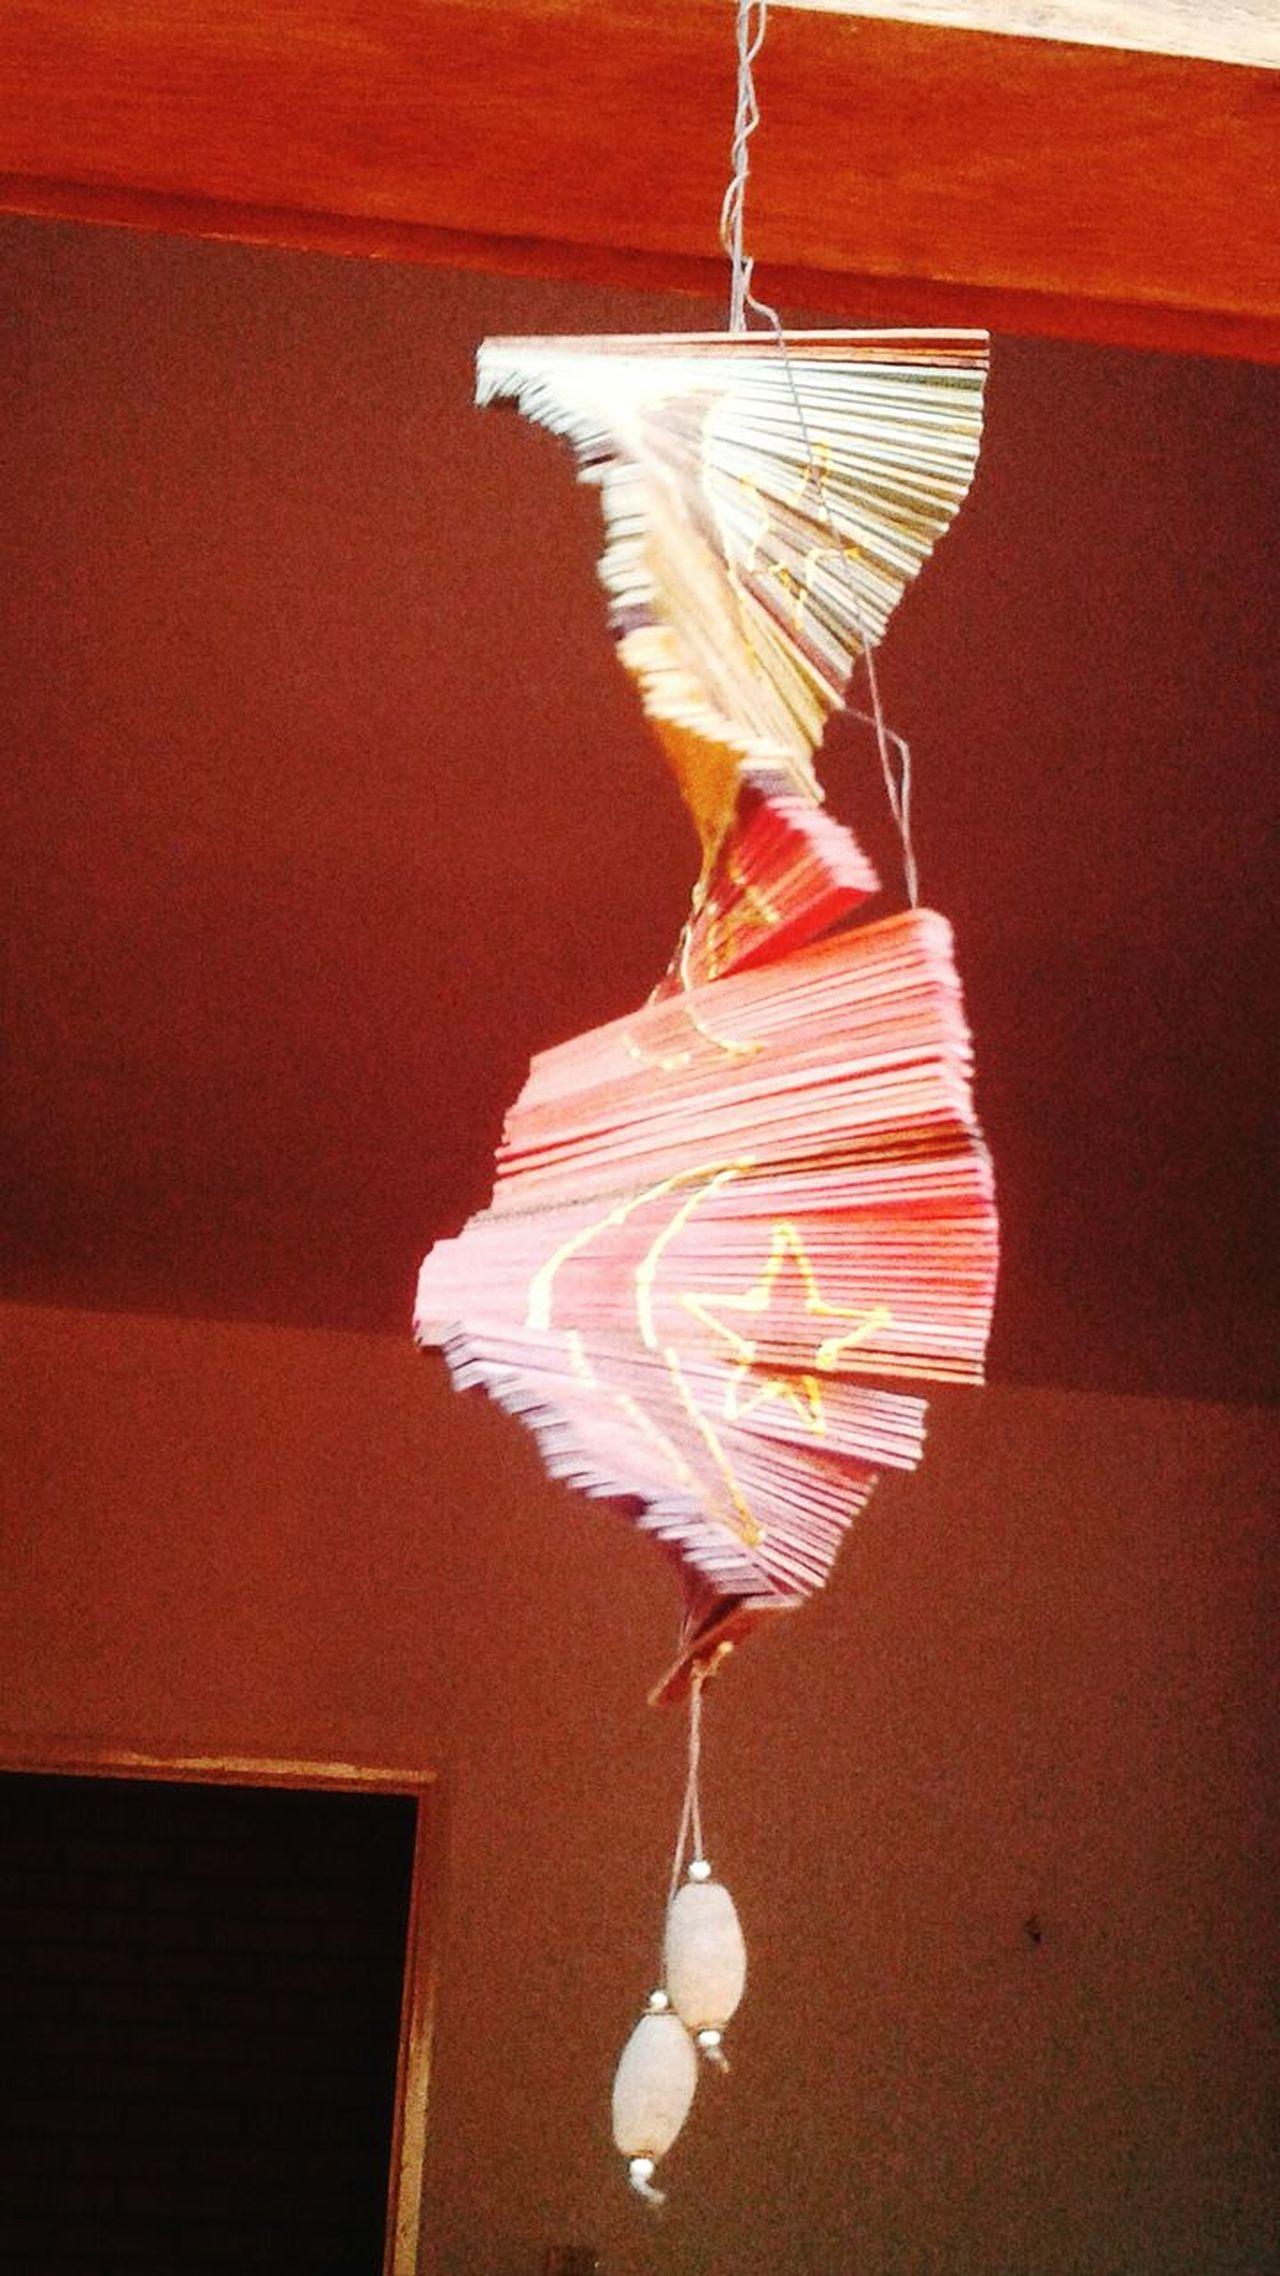 Namastê. @eveltanafreitas Hanging Holiday - Event No People Close-up Day Coathanger Multi Colored Indoors